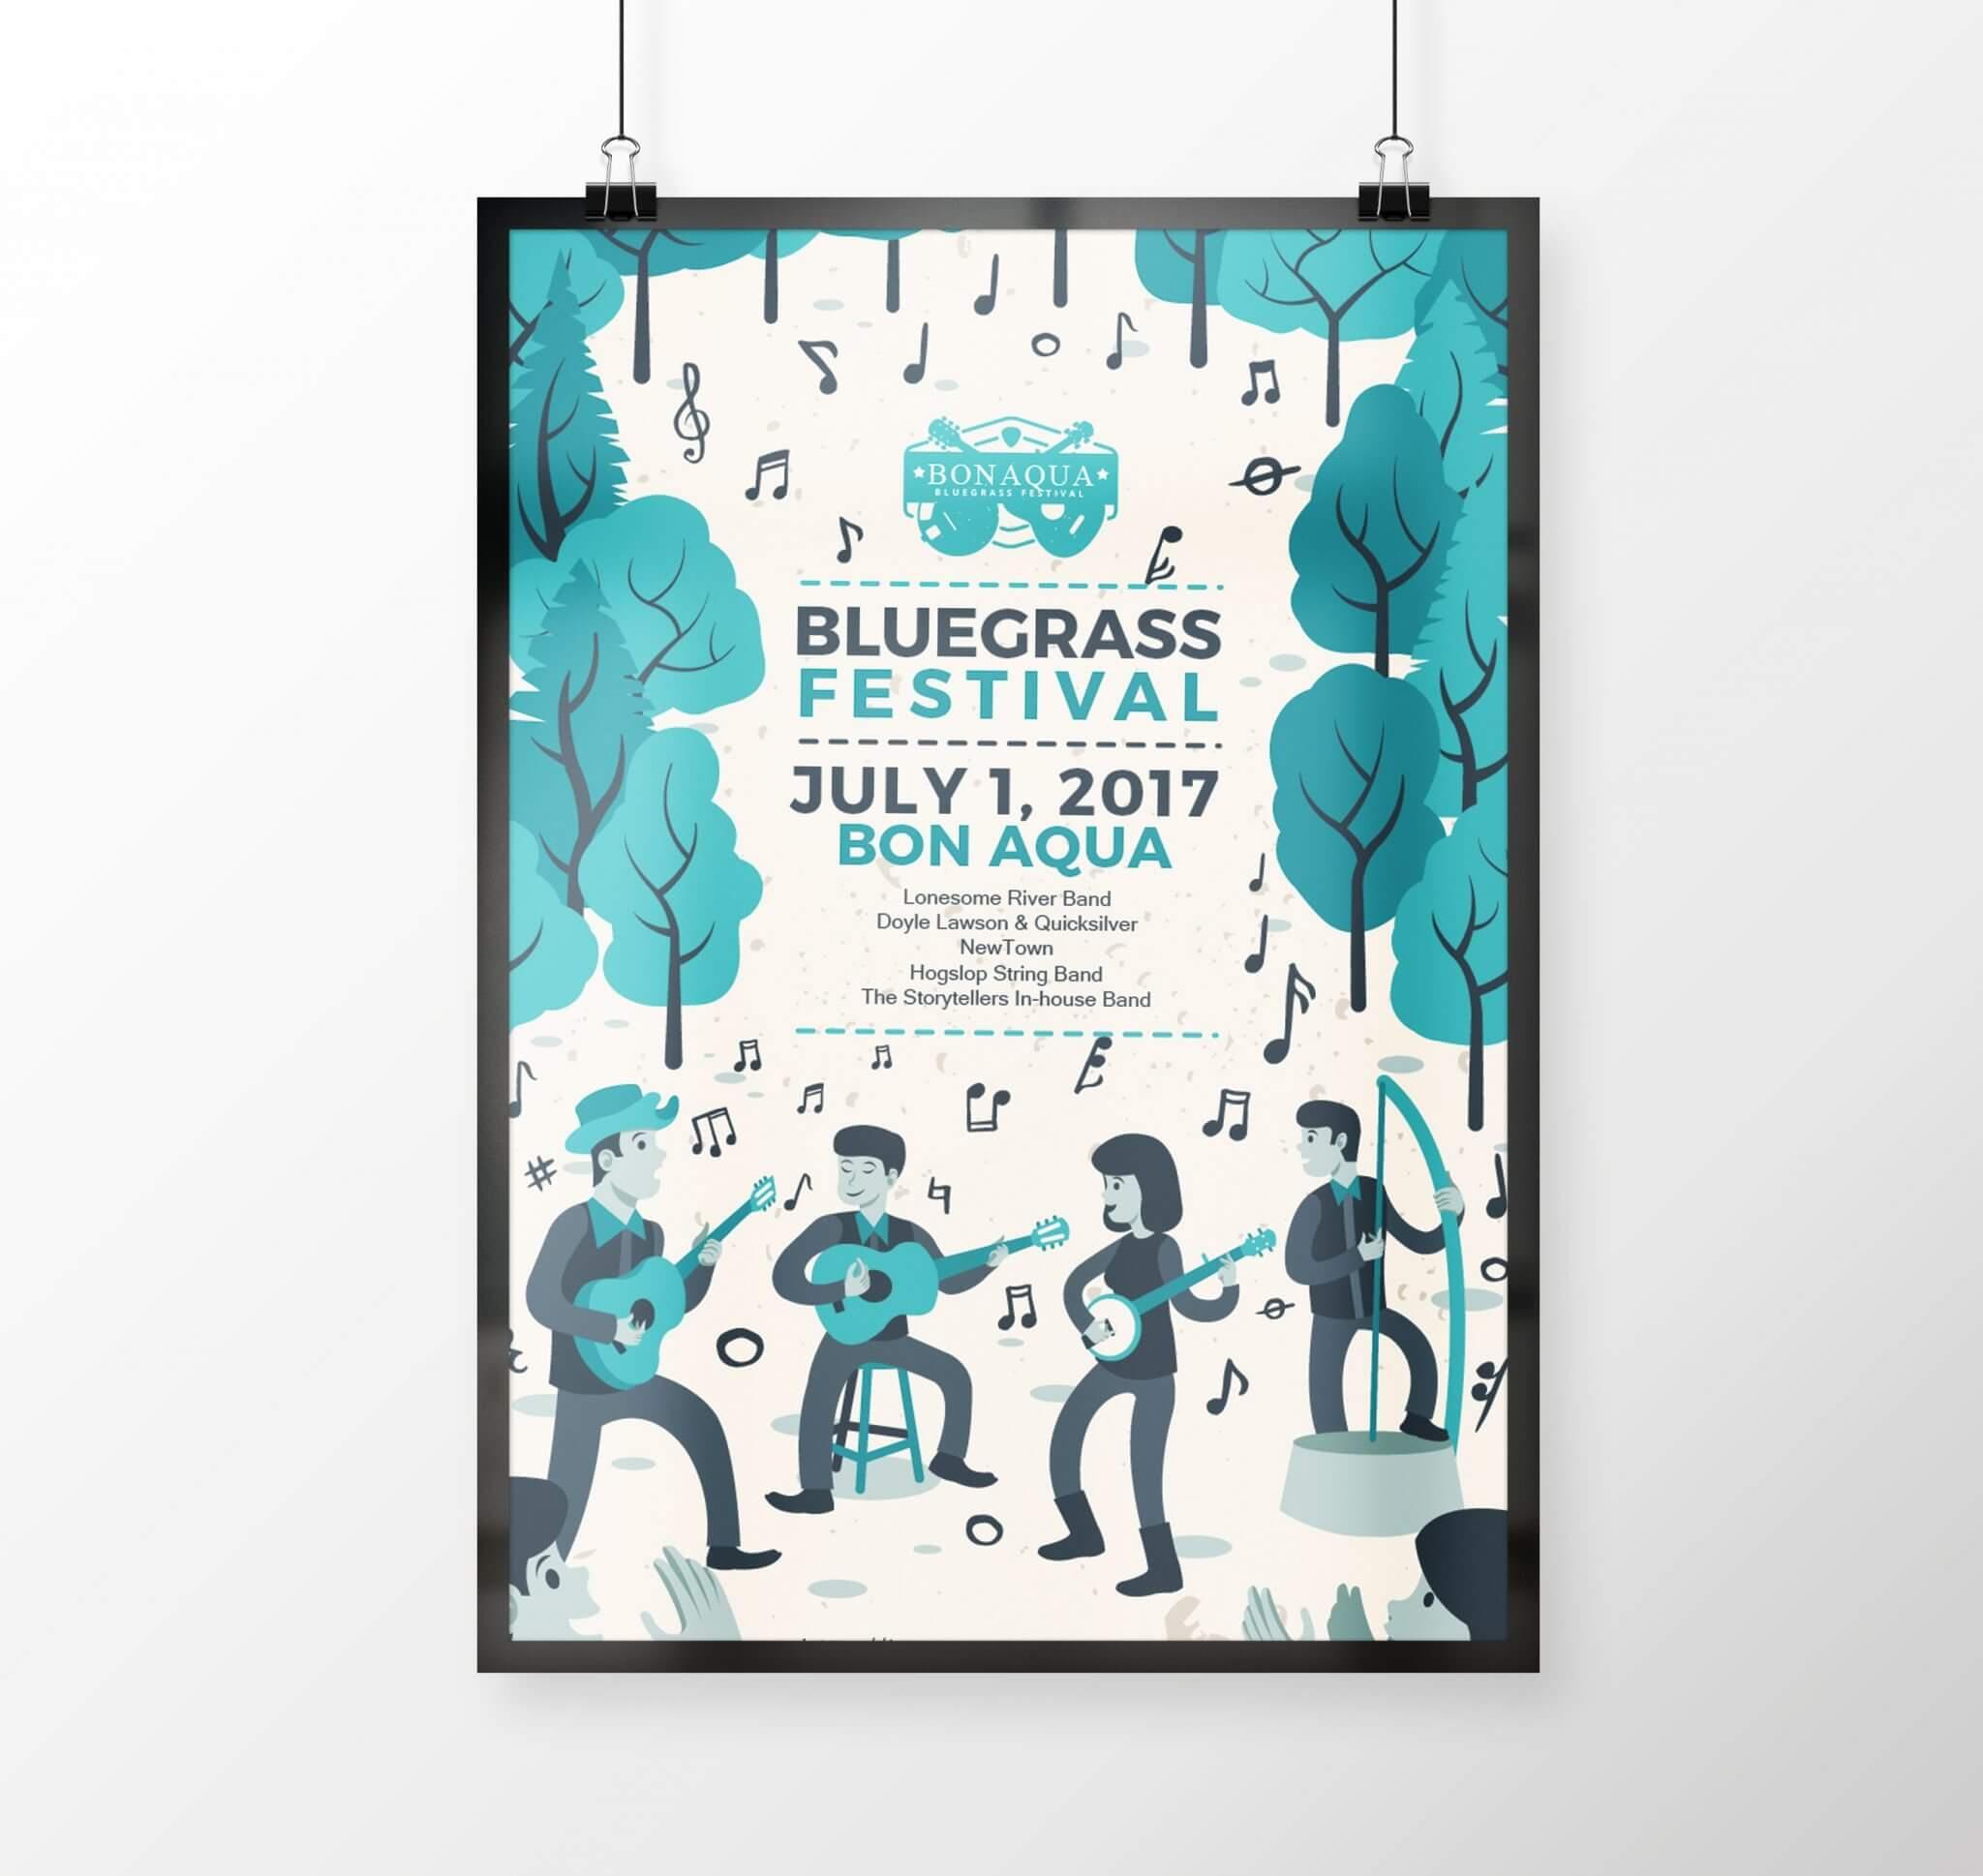 Bon Aqua Bluegrass Festival Posters